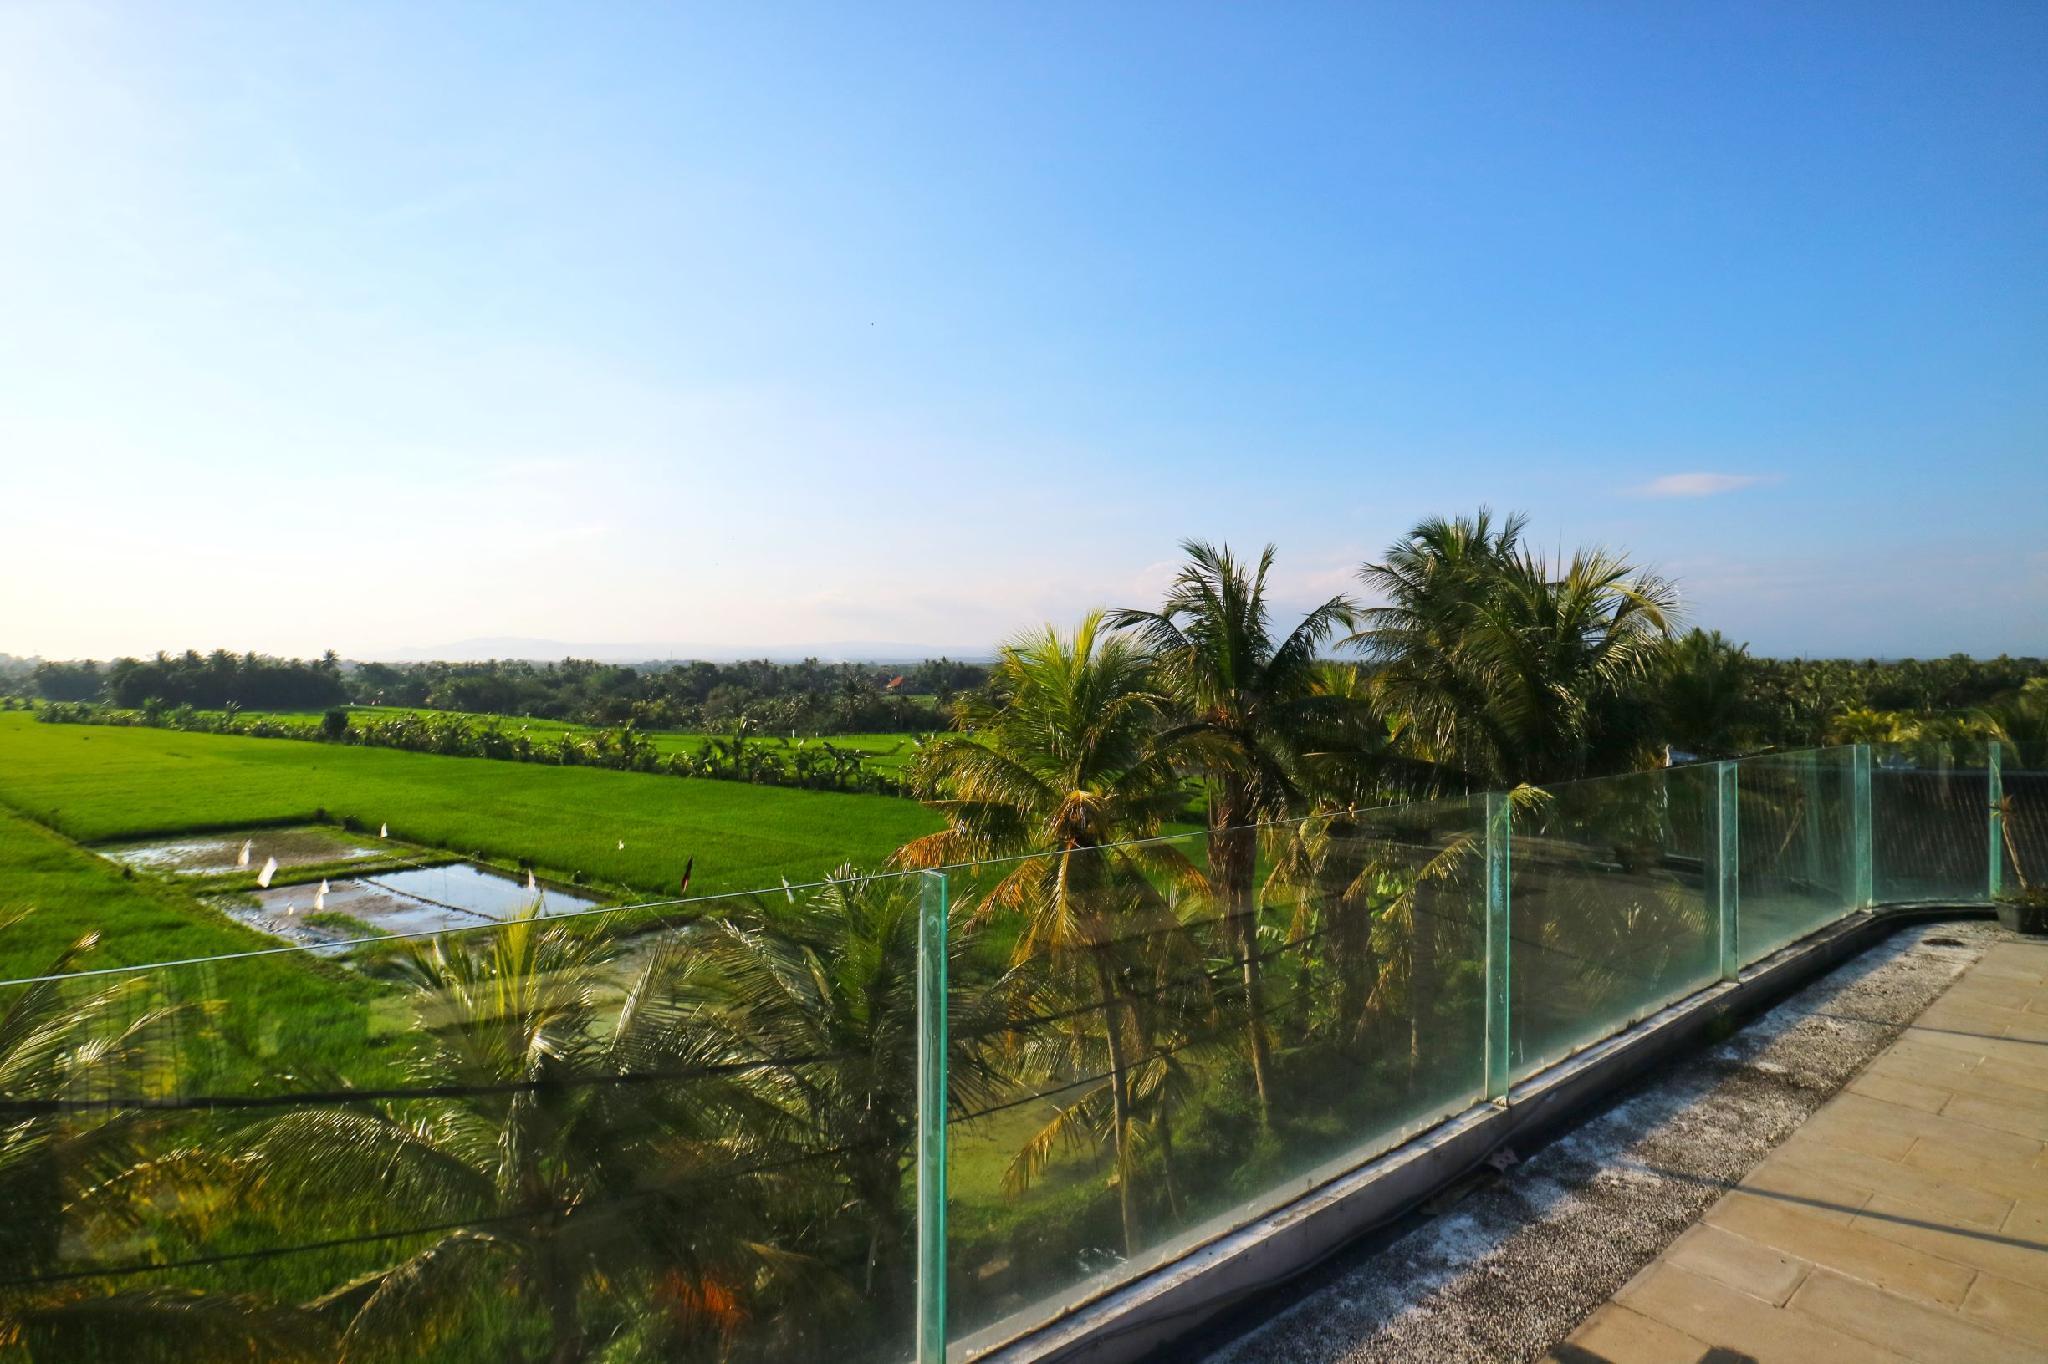 The CaZ Bali